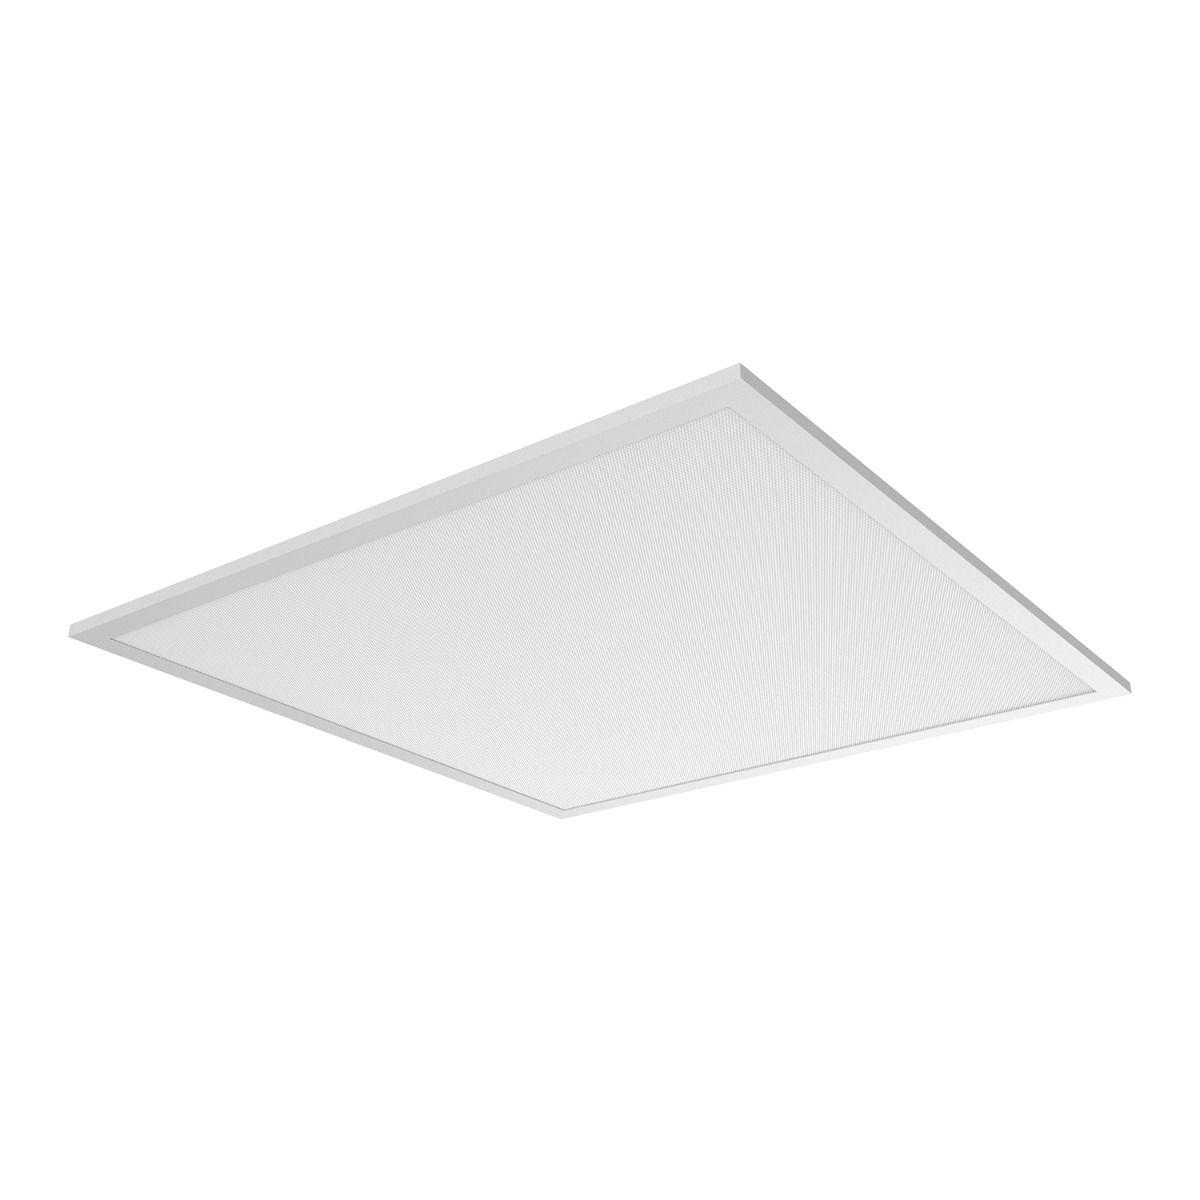 Noxion LED Panel Delta Pro V3 DALI 30W 4000K 4070lm 60x60cm UGR <22 | Kallvit - Ersättare 4x18W